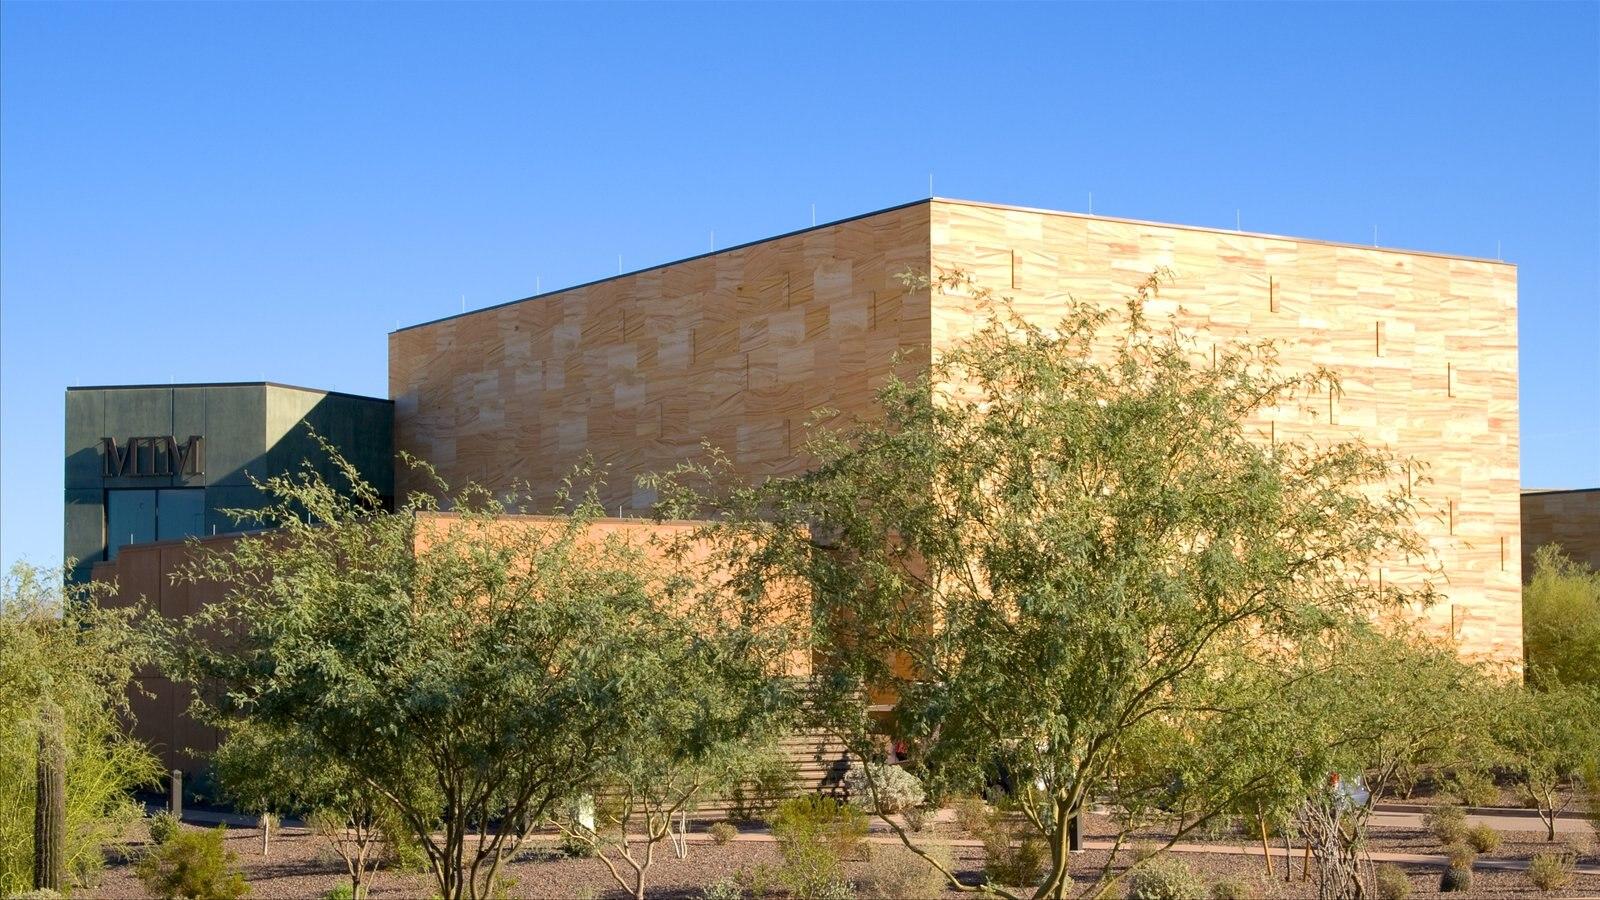 Museu dos Instrumentos Musicais